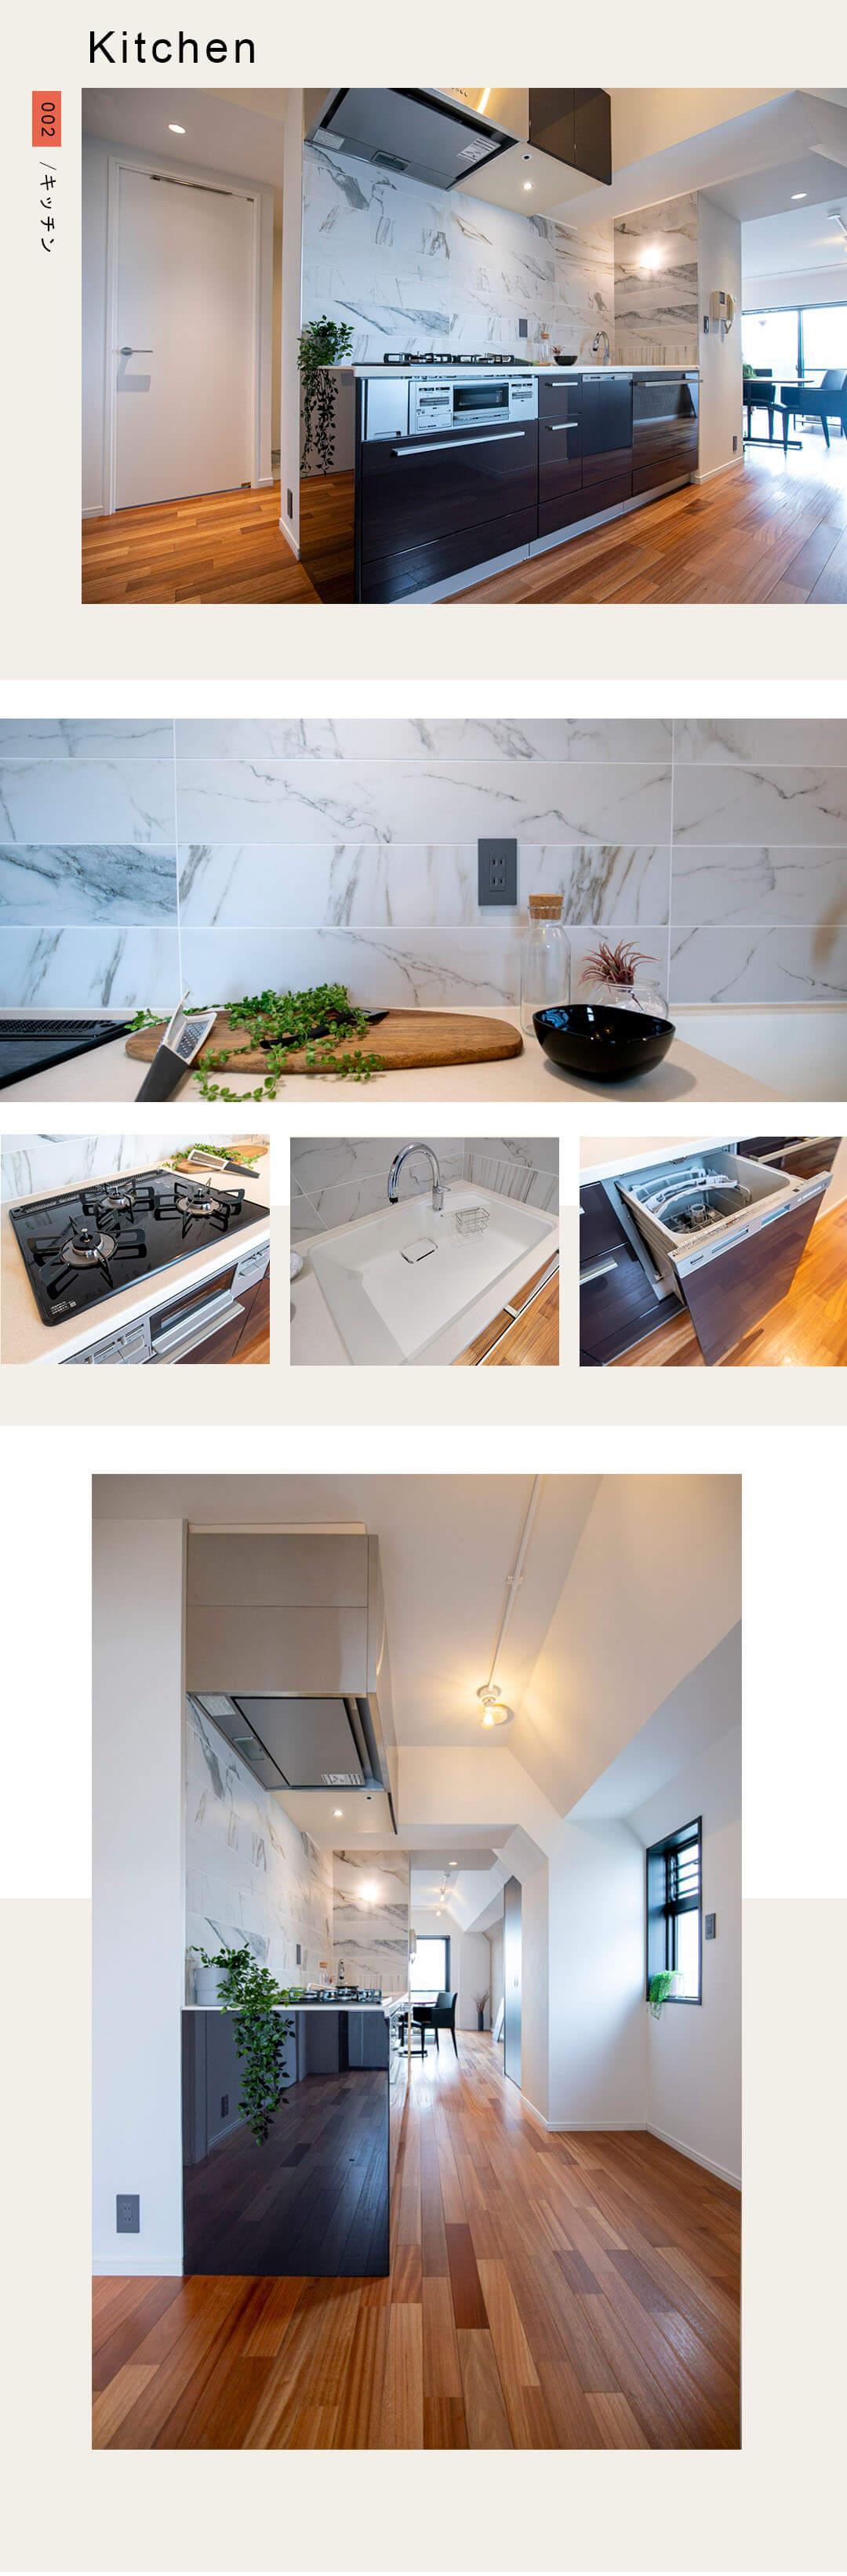 ルーブル笹塚のキッチン